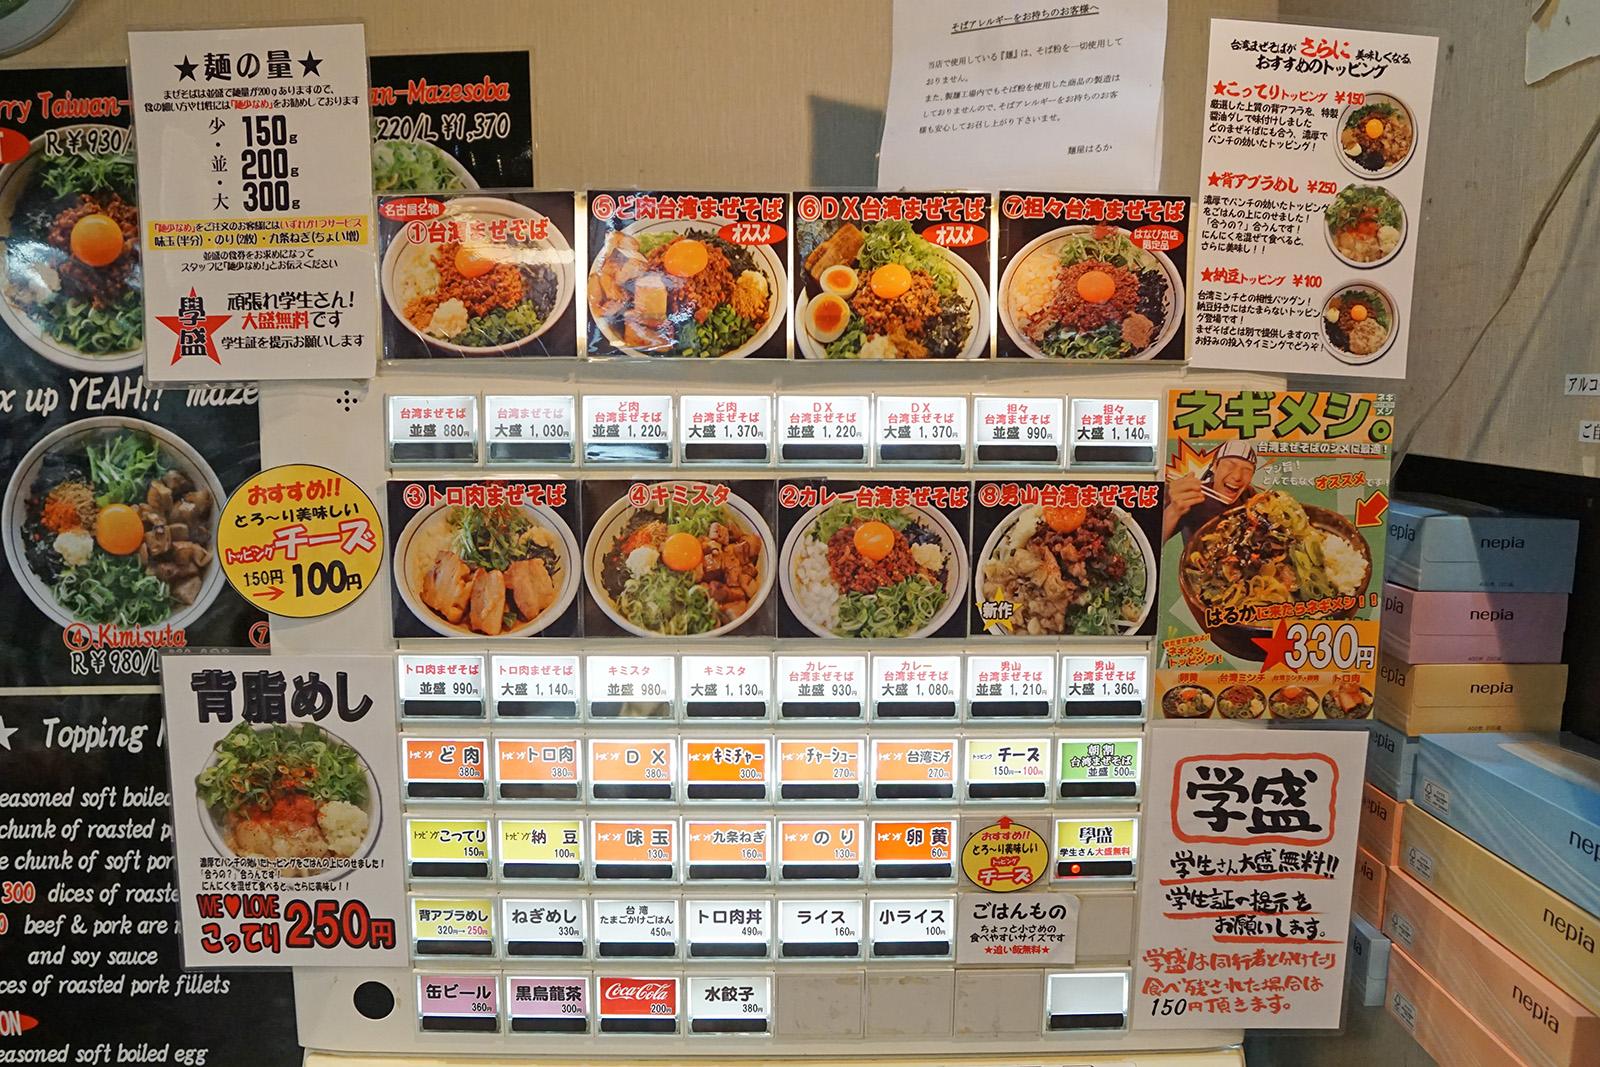 同店のメニュー一覧。食券制で販売